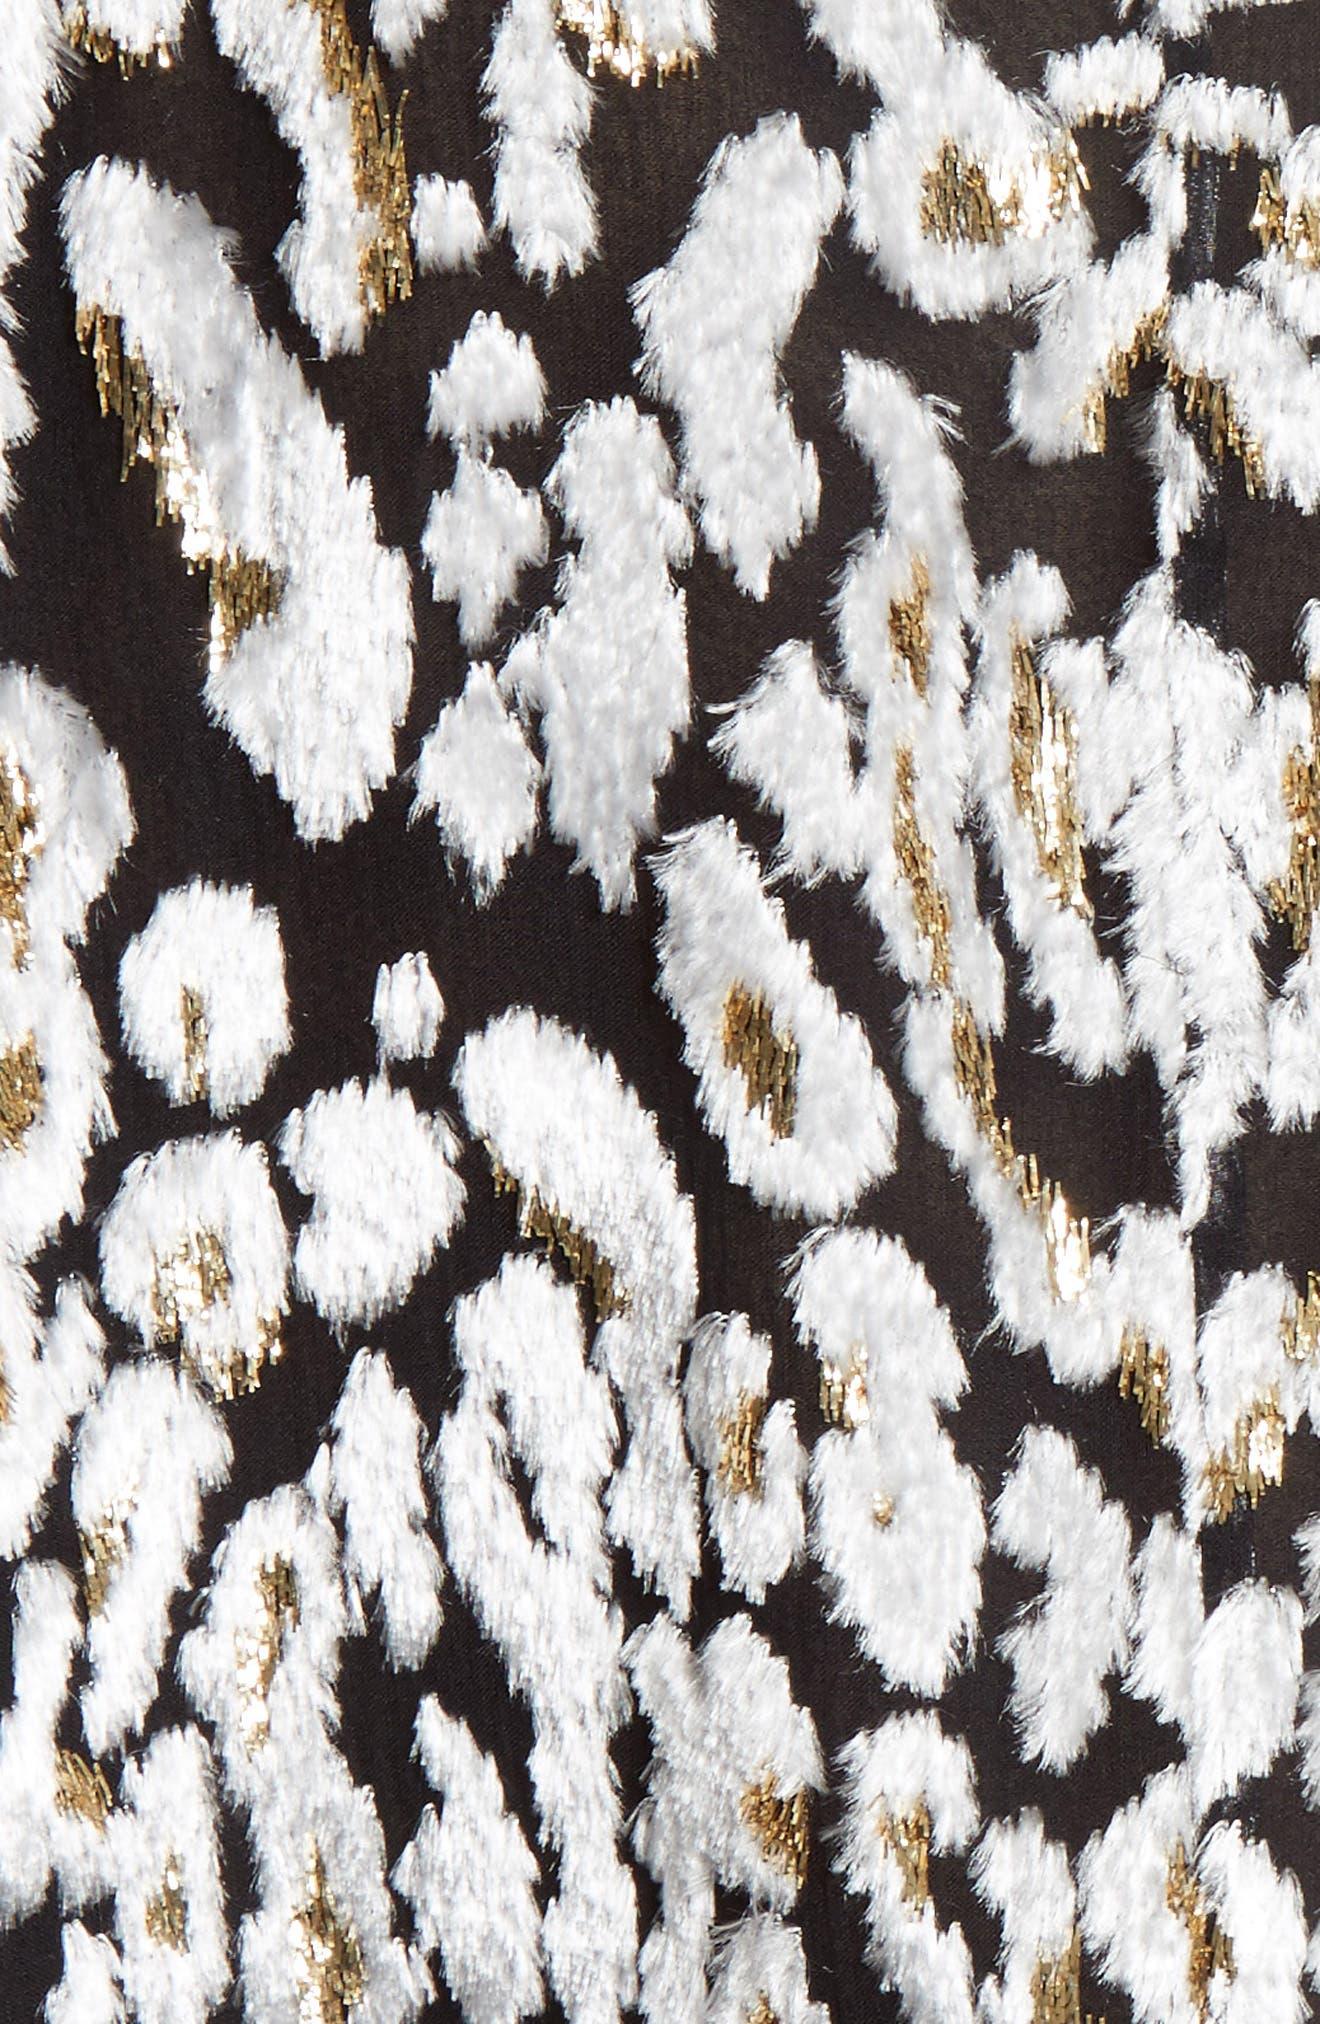 Ocelot Print Velvet Jacquard Dress,                             Alternate thumbnail 5, color,                             001